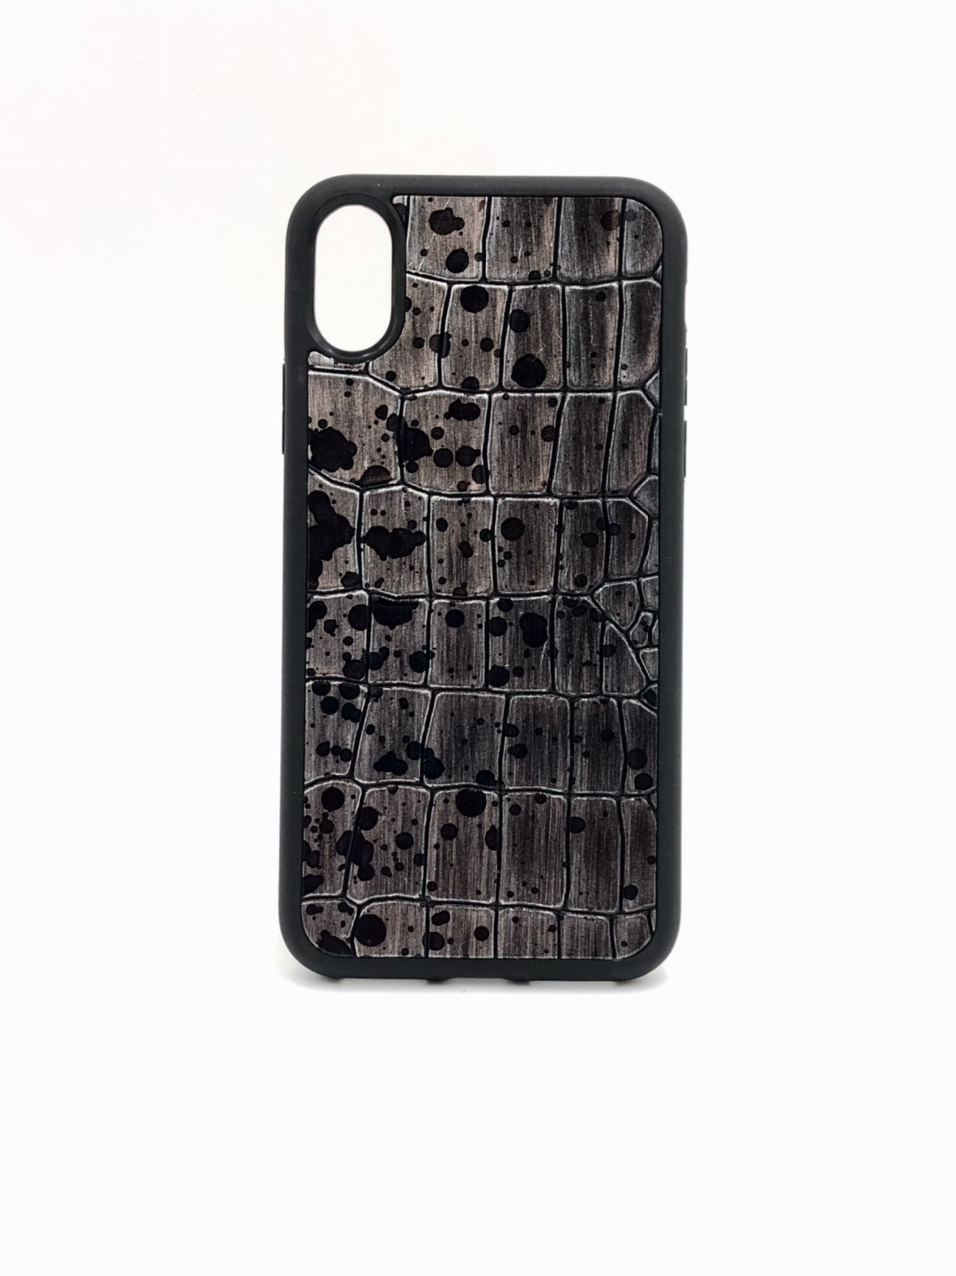 Чехол для iPhone X/Xs цвета металлик из Телячьей кожи тиснёной под Крокодила